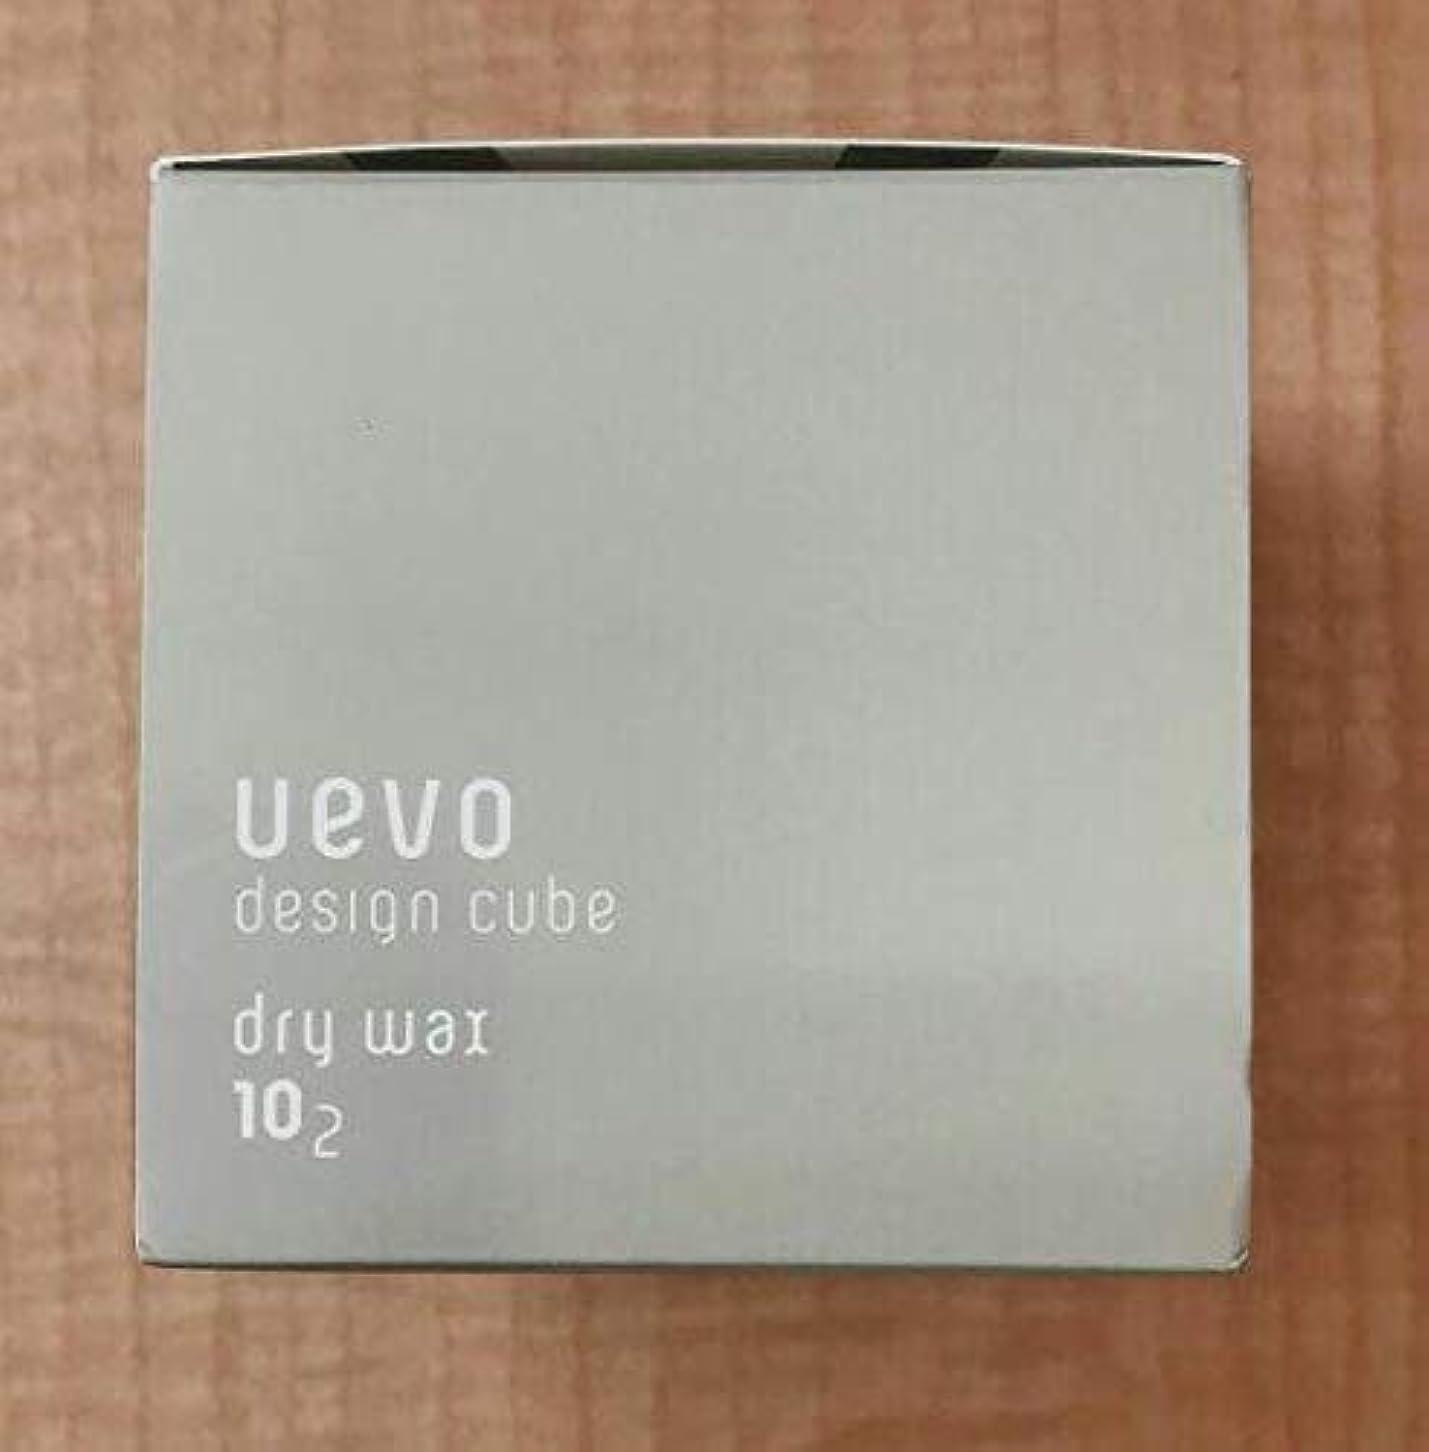 カジュアルリネンリングレット【X2個セット】 デミ ウェーボ デザインキューブ ドライワックス 80g dry wax